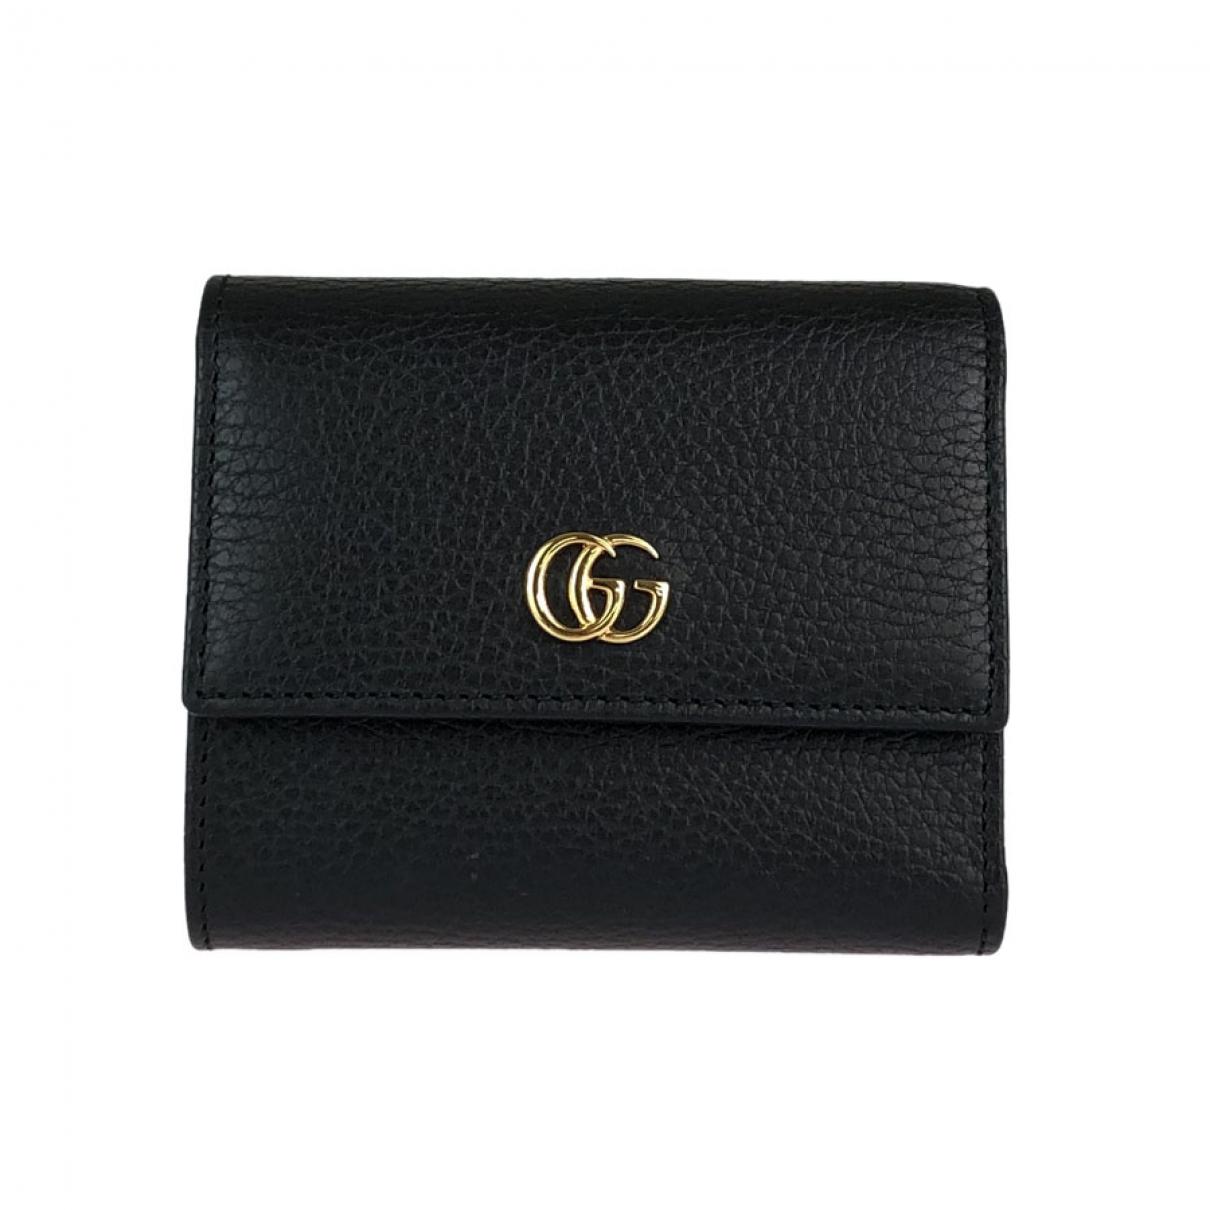 Gucci - Portefeuille Marmont pour femme en cuir - noir